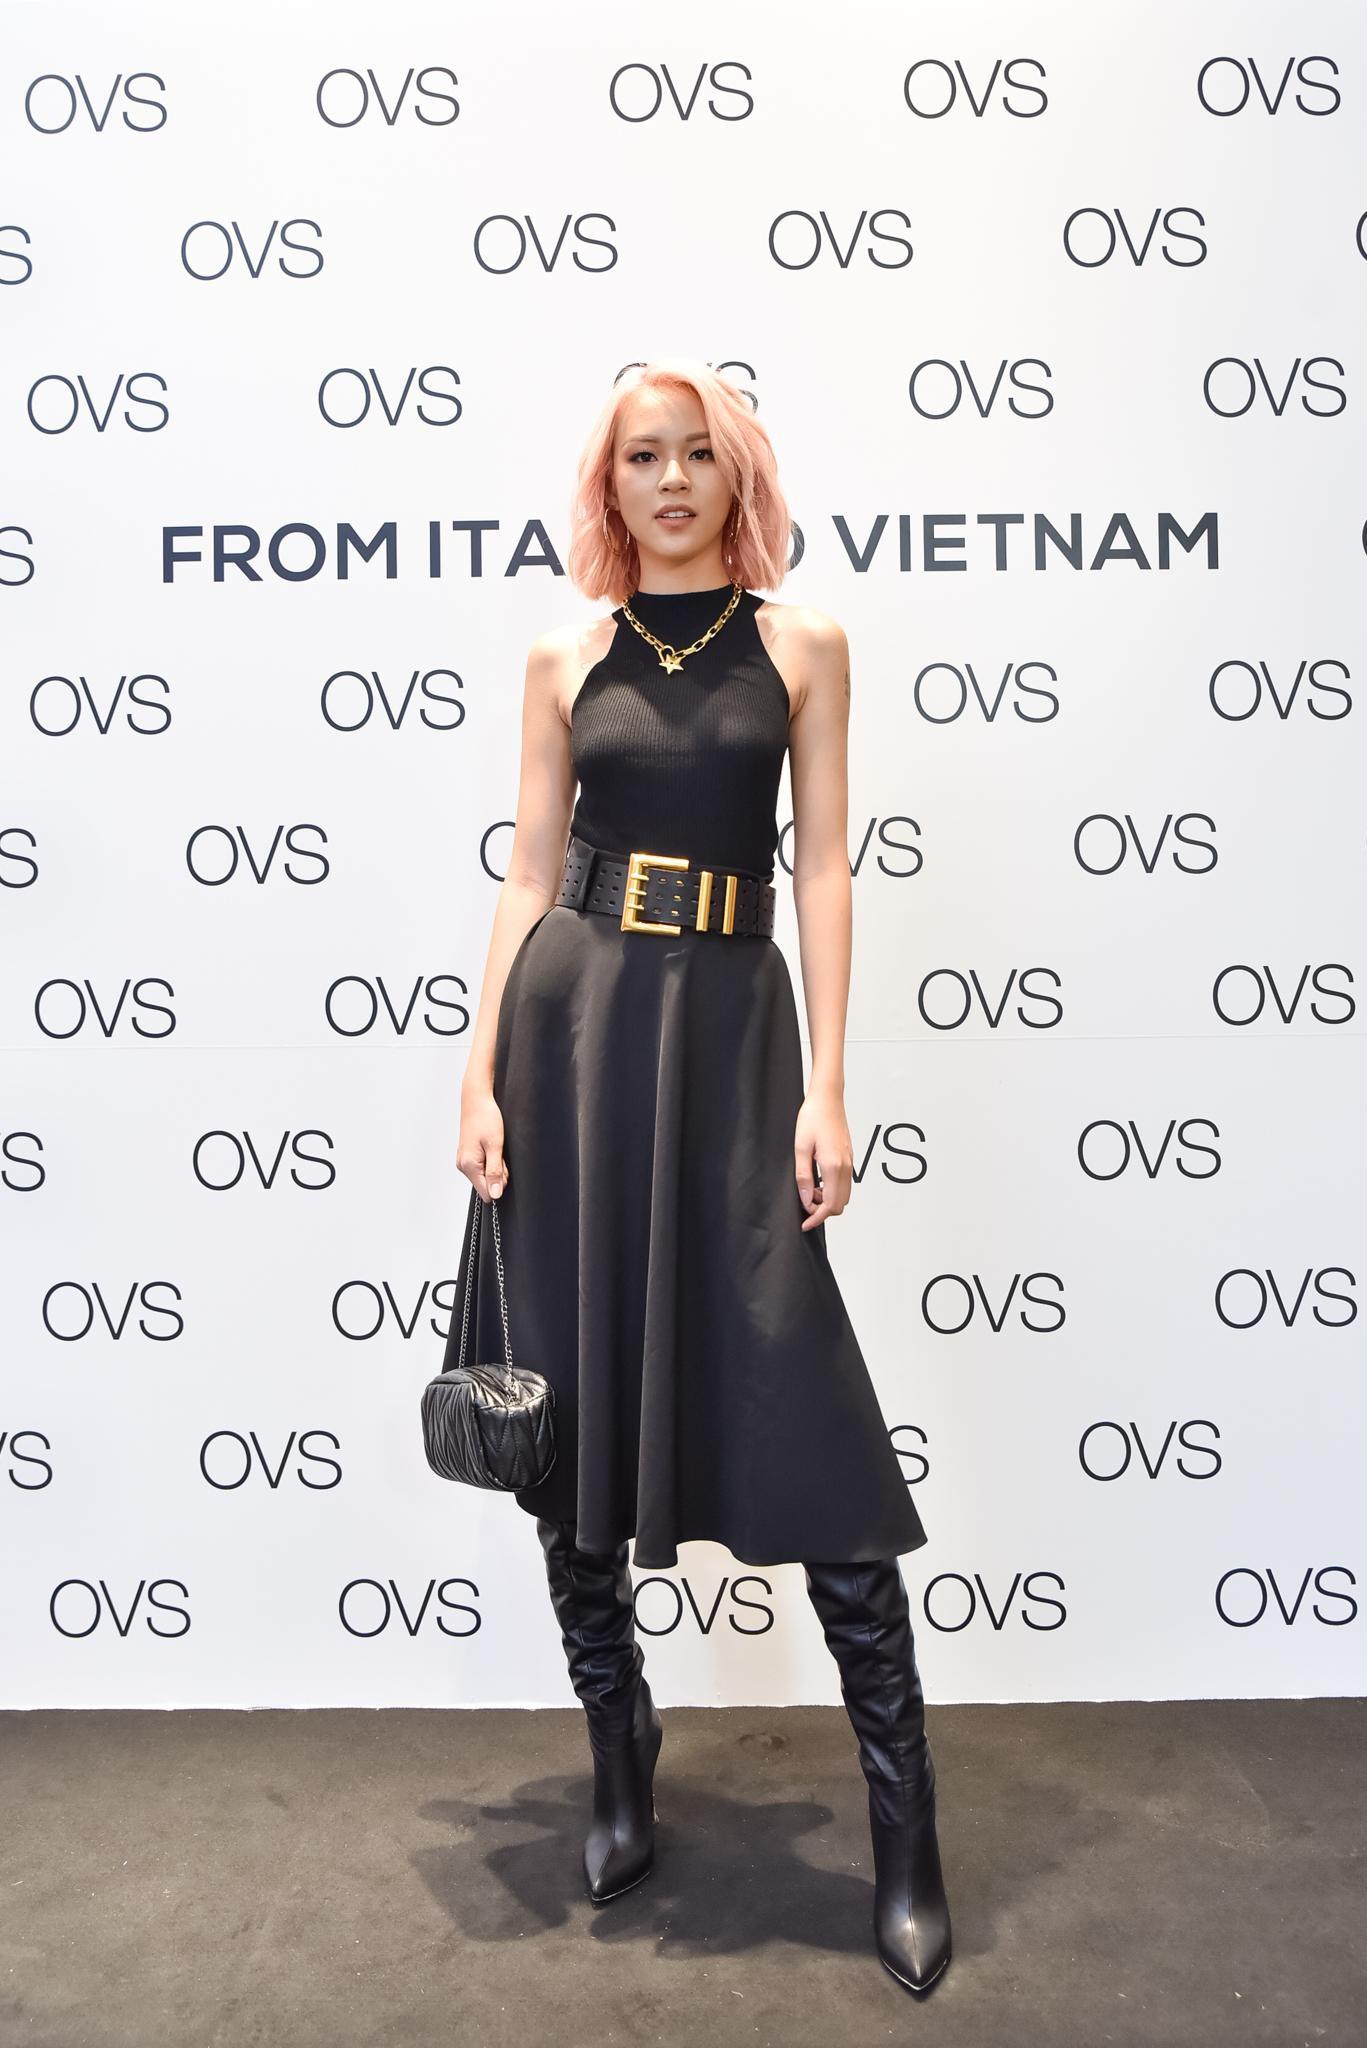 Hà Tăng rạng rỡ xuất hiện cùng chồng trong sự kiện khai trương cửa hàng OVS đầu tiên tại Việt Nam - Ảnh 5.